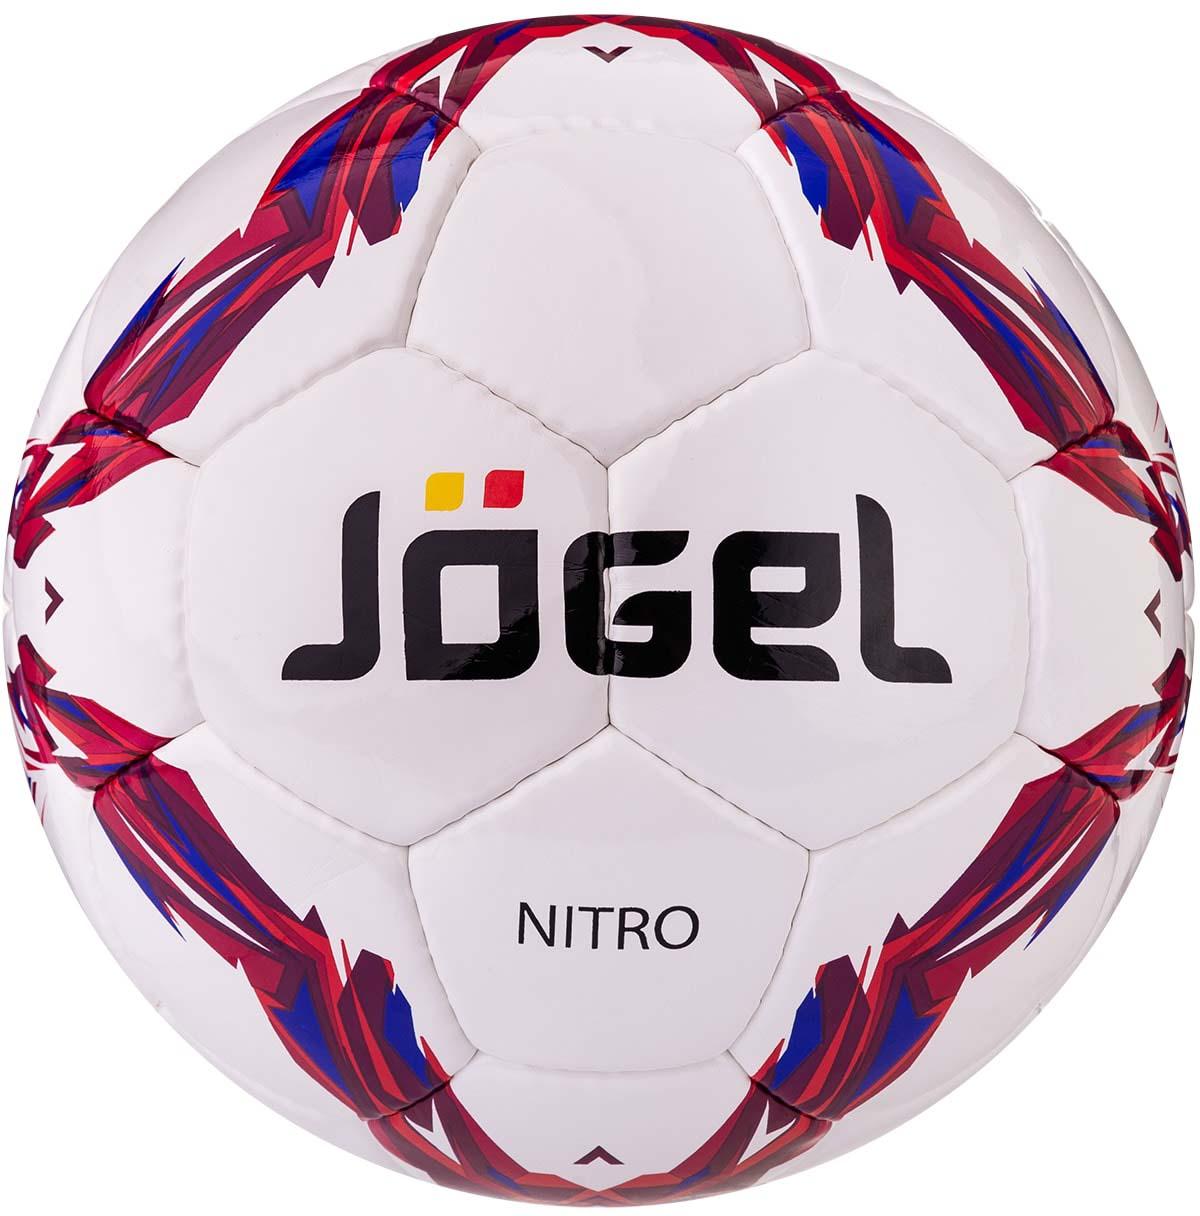 Категория: Тренировочный мяч  Коллекция: 2018/2020  Описание: Jogel JS-710 Nitro - это второе поколение модели Nitro, но уже в новом дизайне. Мы применили в нем еще более качественный материал верха, а также улучшили качество швов и ниток. Теперь это практически идеальный мяч тренировочного уровня. Размер №4 предназначается для тренировок детей в возрасте от 8 до 12 лет. Данный мяч рекомендован для тренировок и тренировочных игр клубных и любительских команд. Поверхность мяча выполнена из глянцевой синтетической кожи (полиуретан) толщиной 1,2 мм. Мяч имеет 4 подкладочных слоя на нетканой основе (смесь хлопка с полиэстером) и оснащен бутиловой камерой, обеспечивающим долгое сохранение воздуха в камере.    Традиционная конструкция мяча из 32 панелей. Привлекательный дизайн коллекции 2018/2020 ярко выделяет мячи Jogel на витрине. Данный мяч подходит для поставок на гос. тендеры. При производстве мячей Jogel не используется детский труд. Официальный размер FIFA.    Рекомендованные покрытия: натуральный газон, синтетическая трава, резина, гаревые поля, паркет  Материал поверхности: Синтетическая кожа (полиуретан) толщиной 1,2 мм  Материал камеры: Бутил  Тип соединения панелей: Ручная сшивка  Количество подкладочных слоев: 4  Количество панелей: 32  Размер: 5